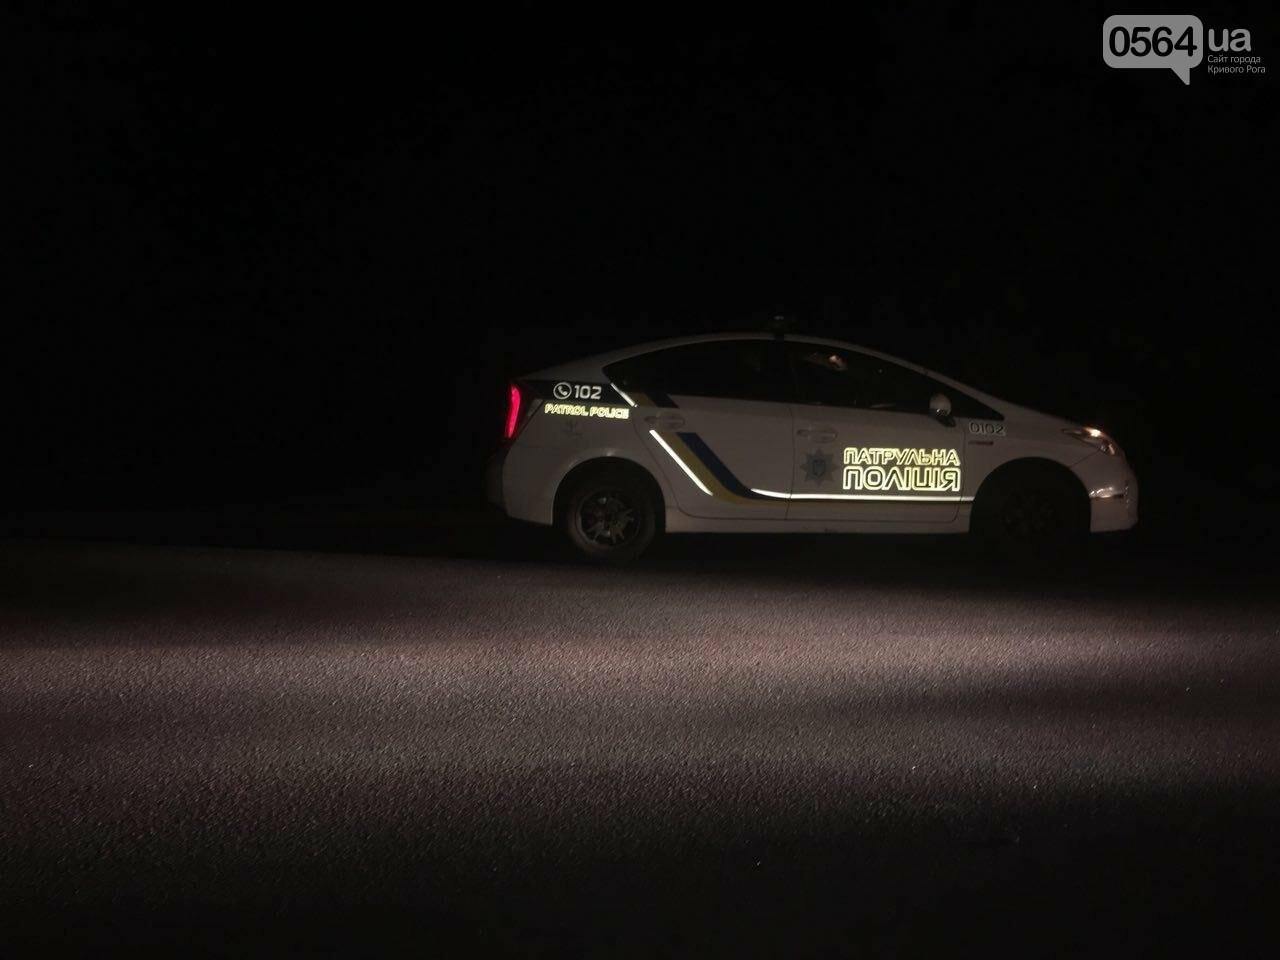 В Кривом Роге микроавтобус снес электроопору: пропал водитель и свет, - ФОТО  , фото-3